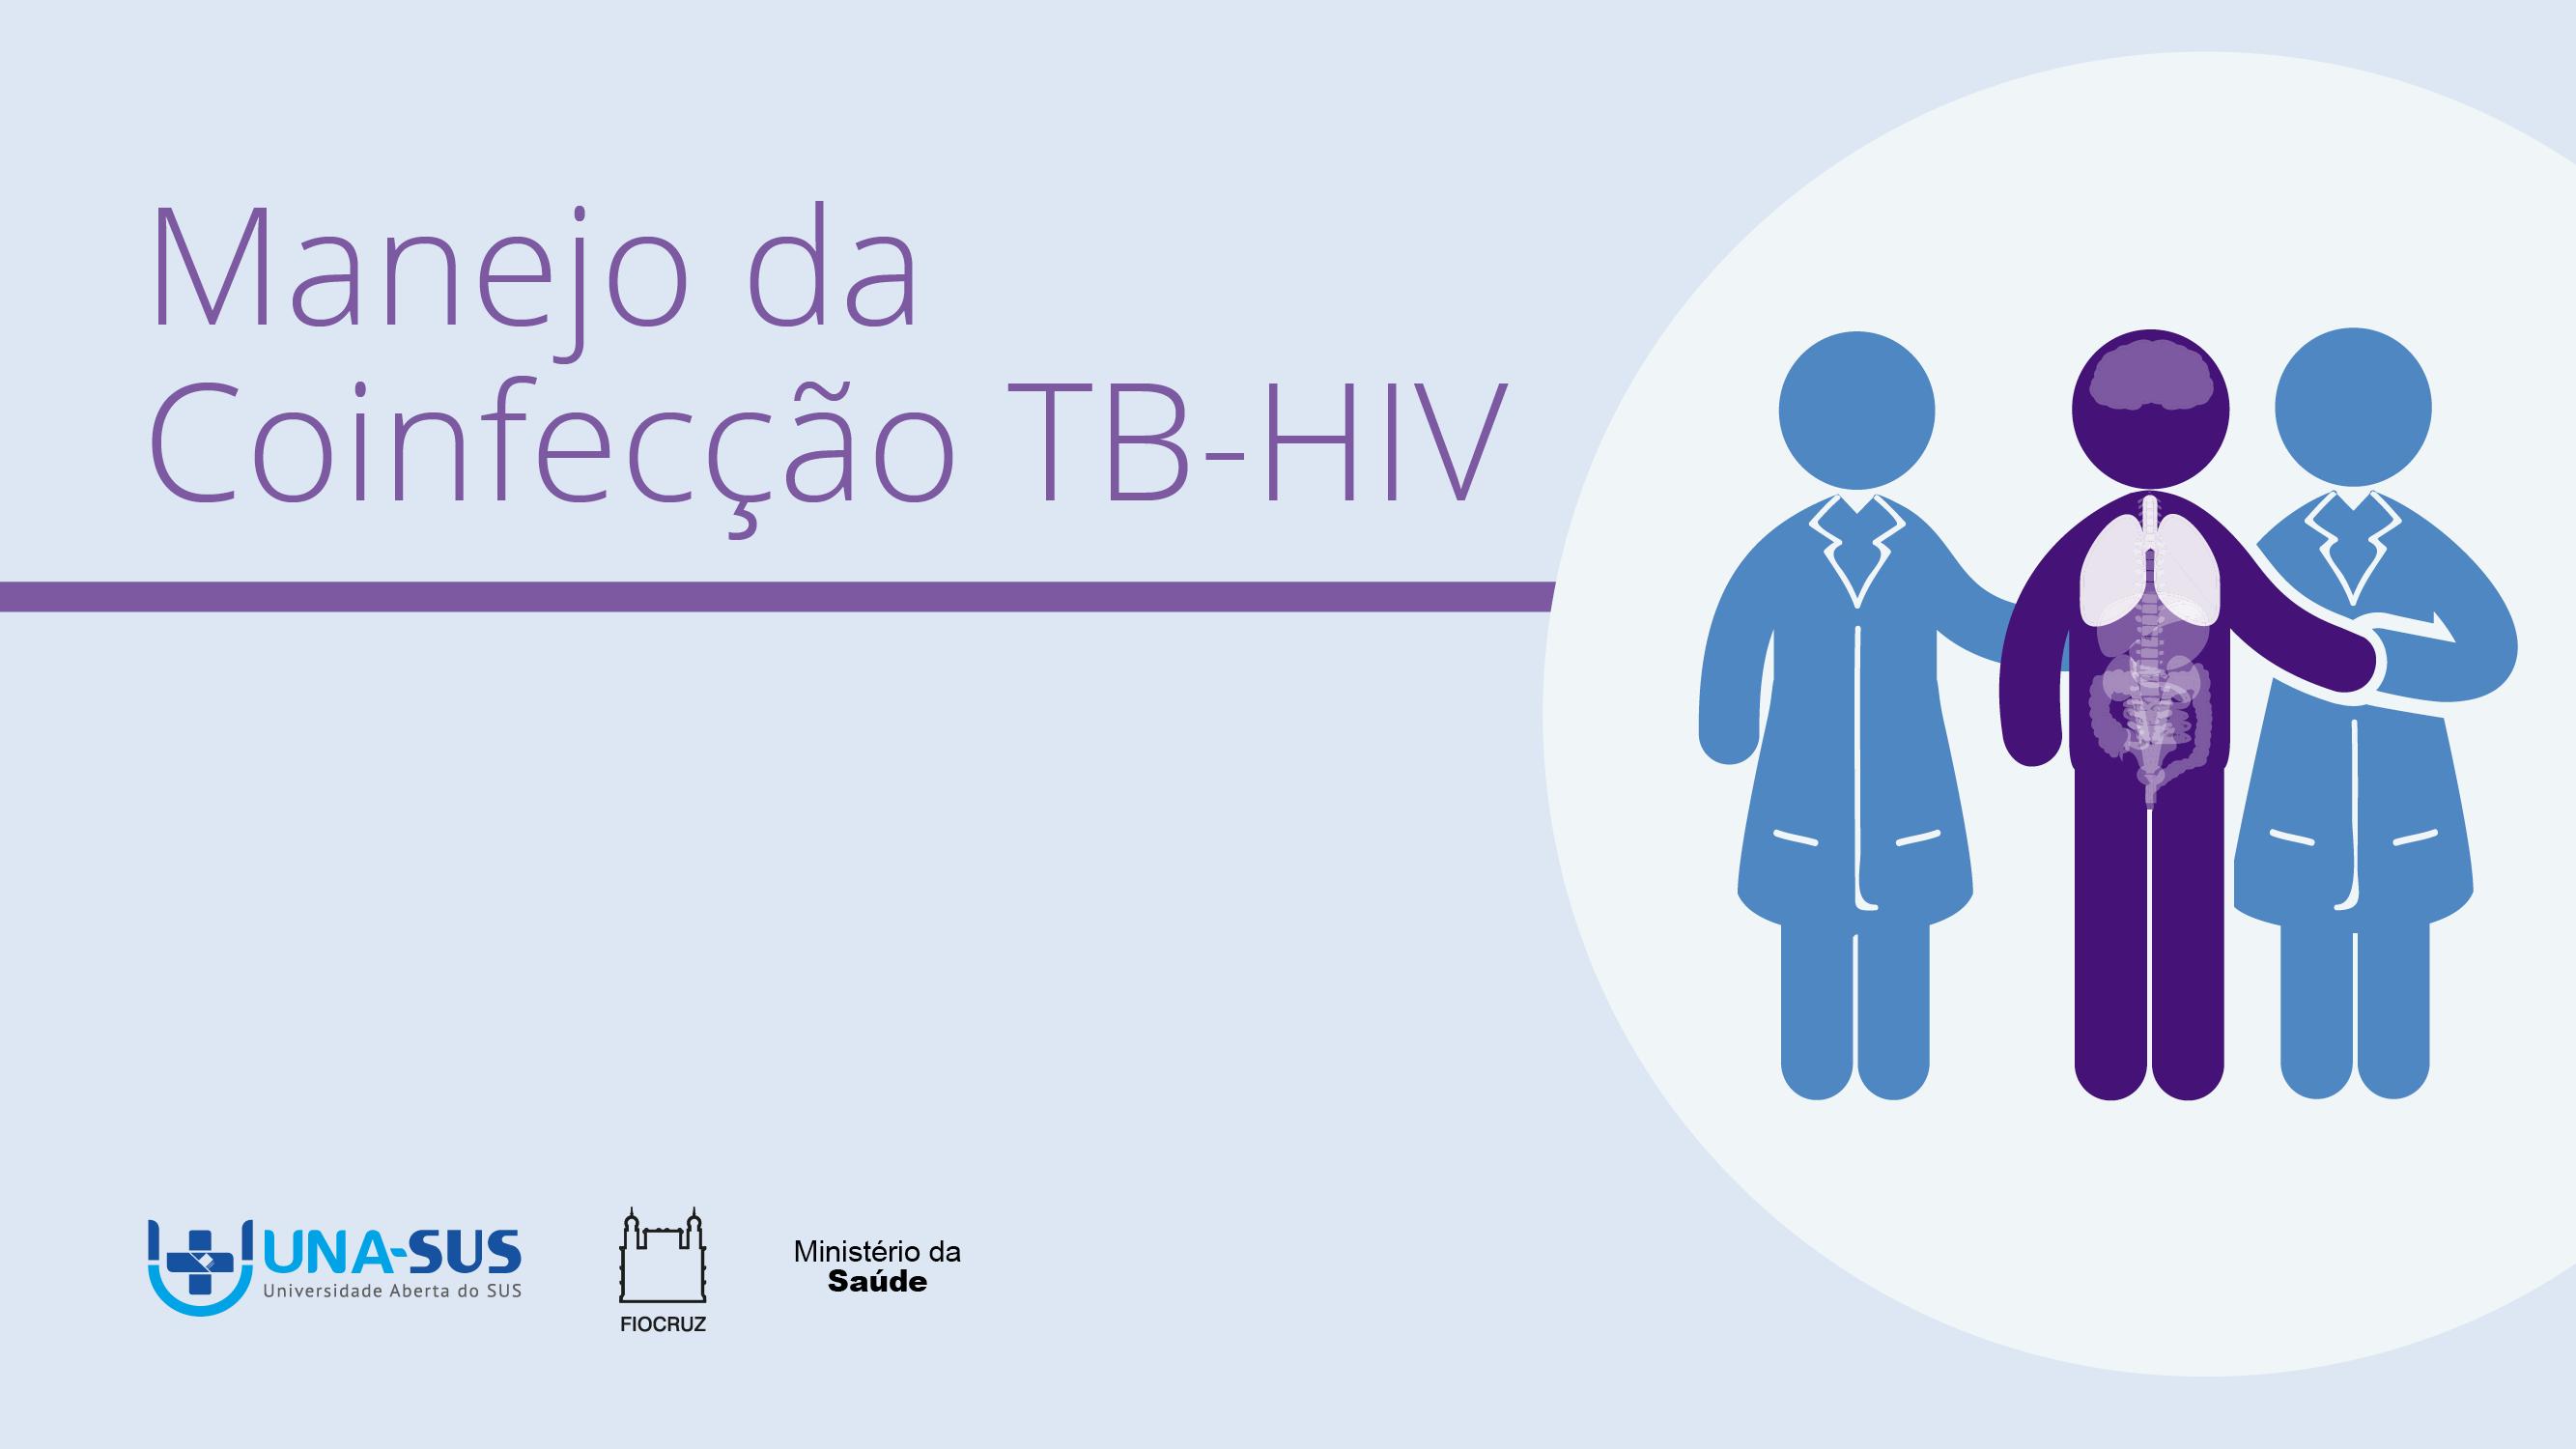 Manejo da Coinfecção Tuberculose-HIV - SE/UNA-SUS